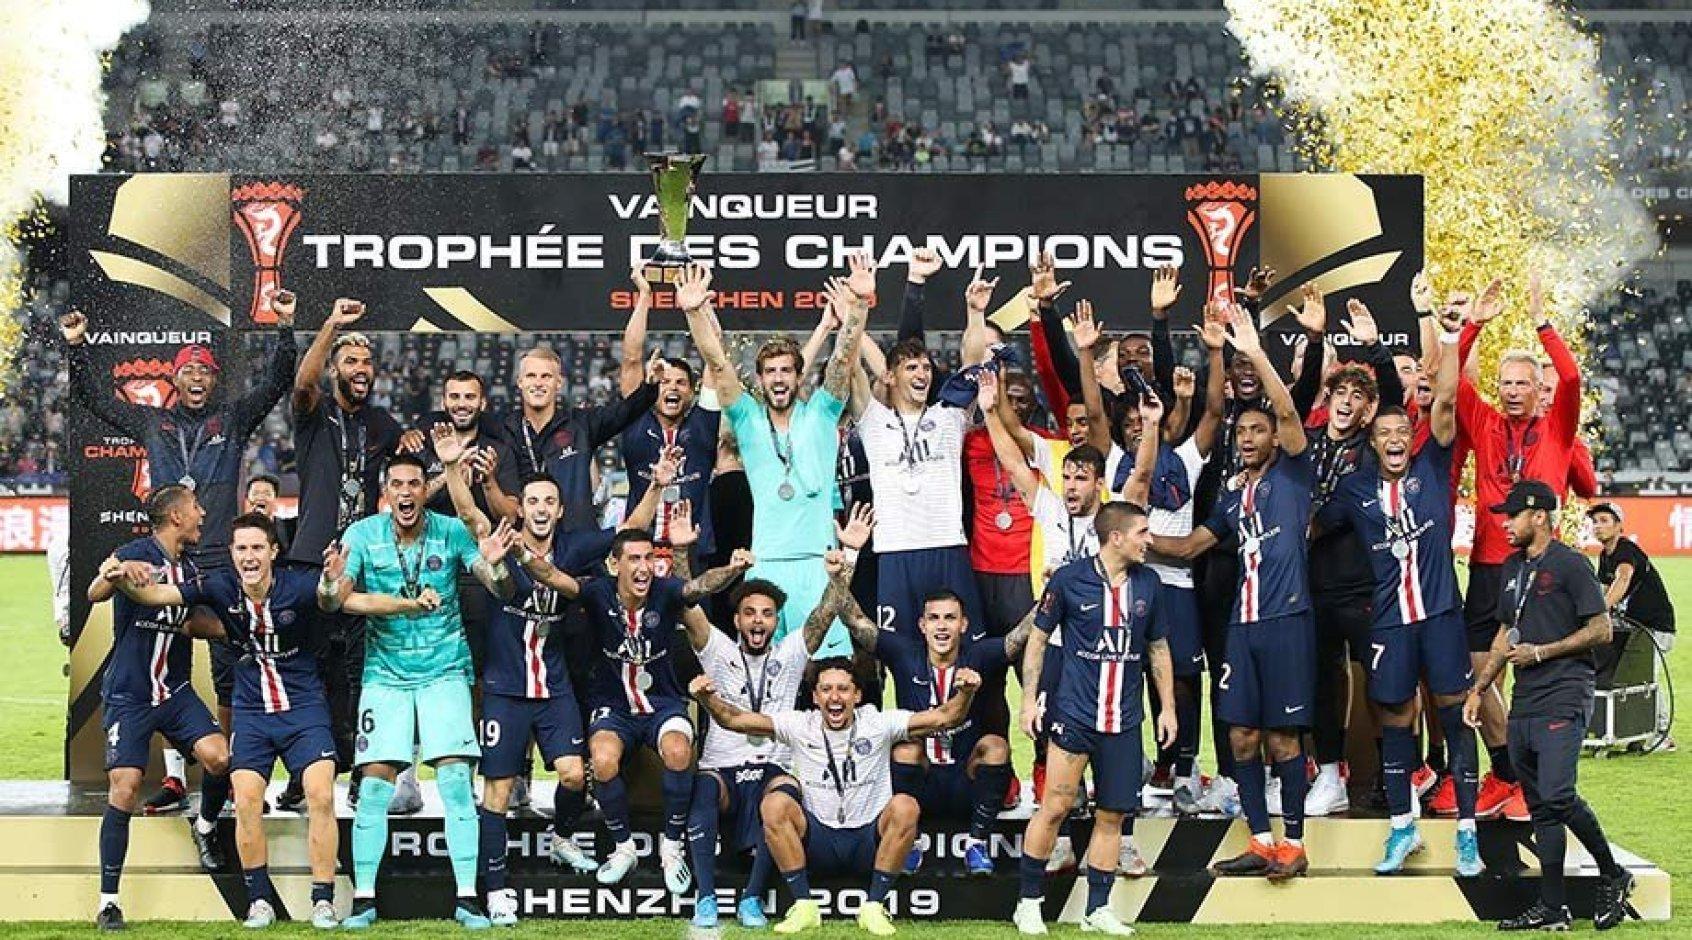 После матча Суперкубка Франции Мбаппе не позволил Неймару сфотографироваться с командой